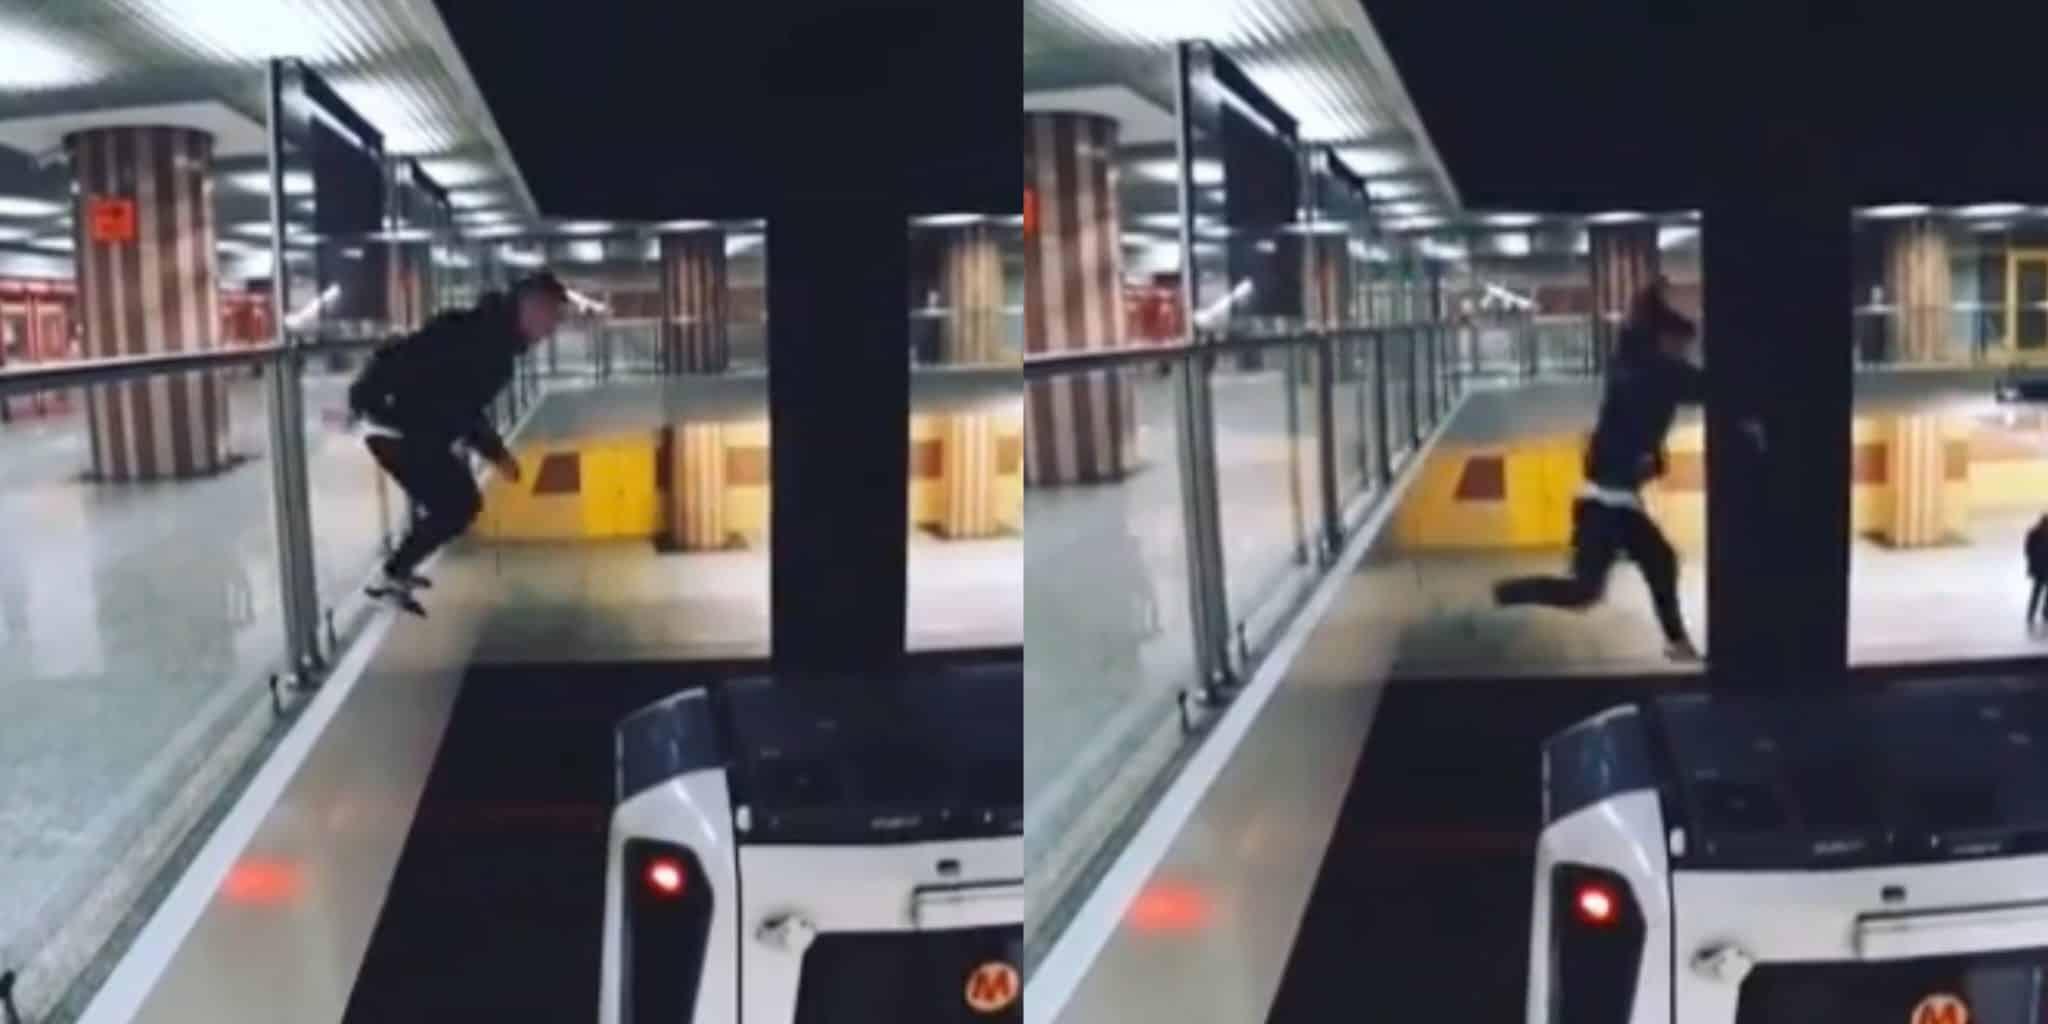 """DRAMAT w Warszawskim metrze! """"ZMIAŻDŻONY chłopak"""" Nagranie!"""